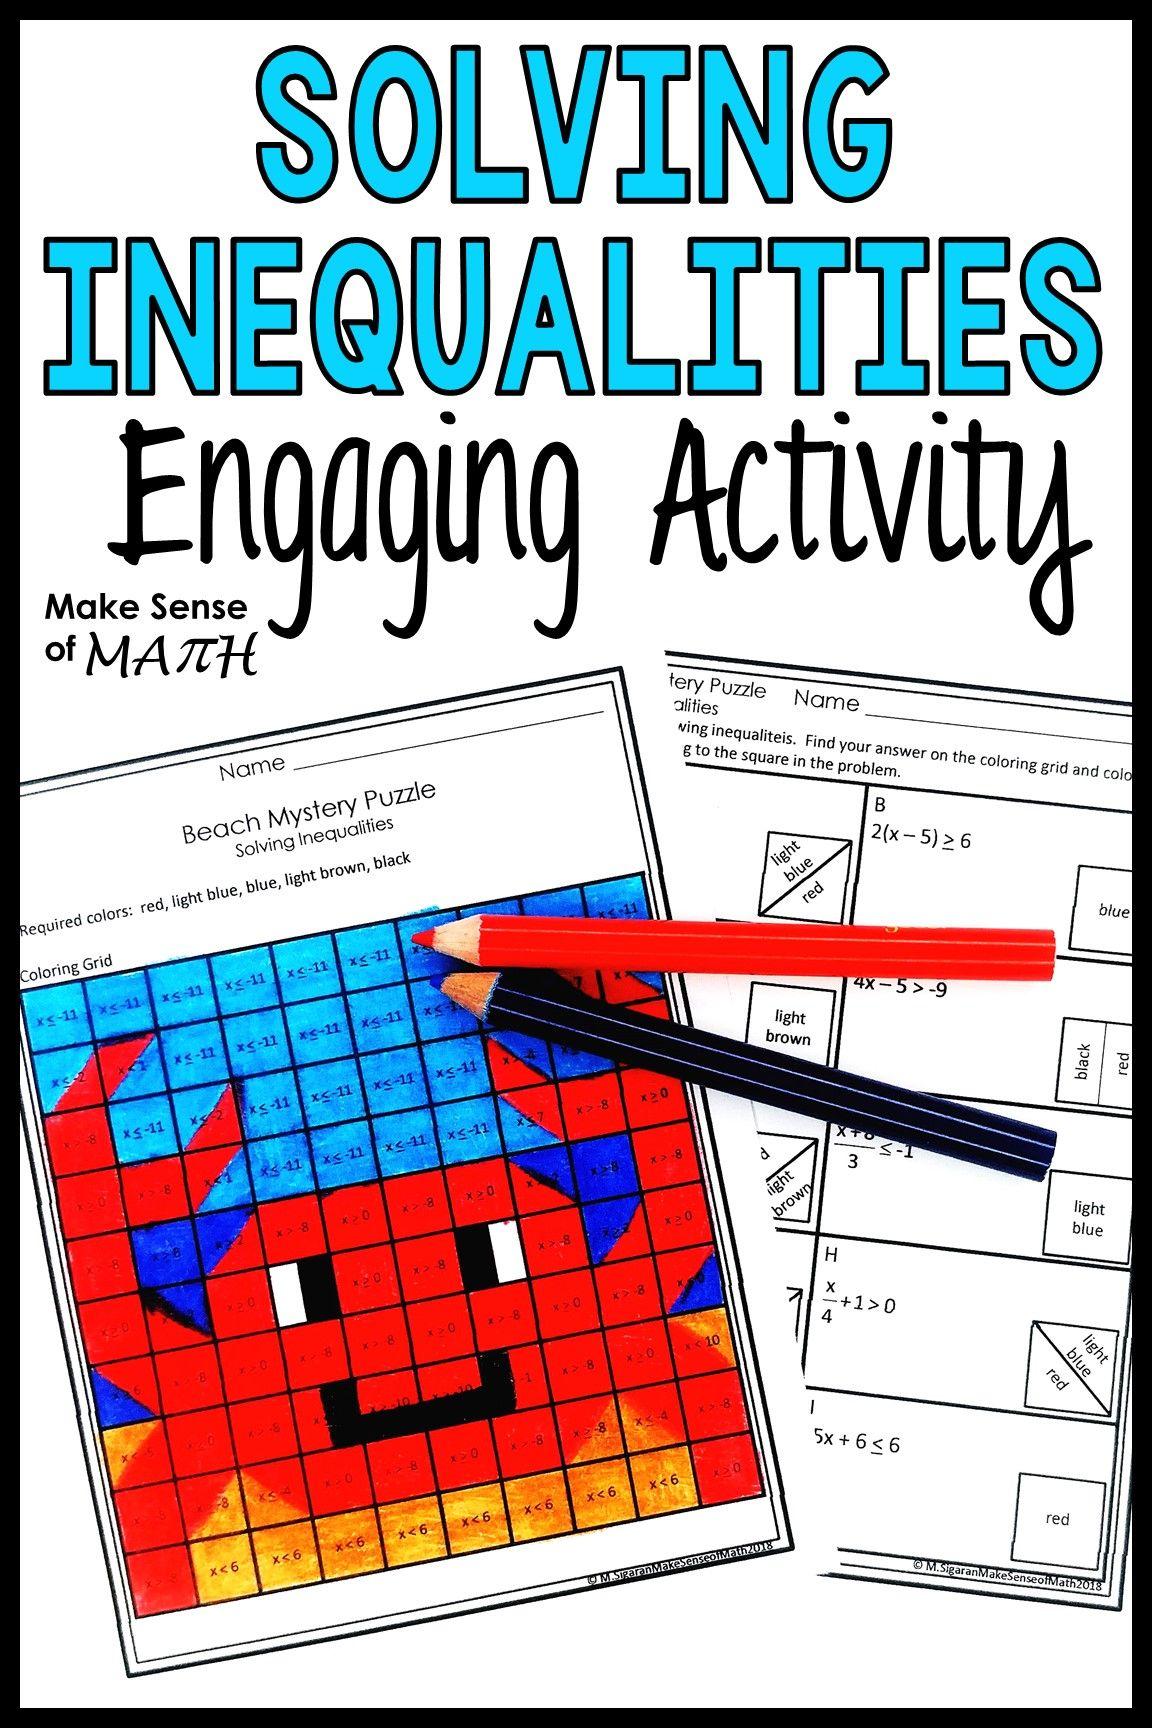 Solving Inequalities Activity In